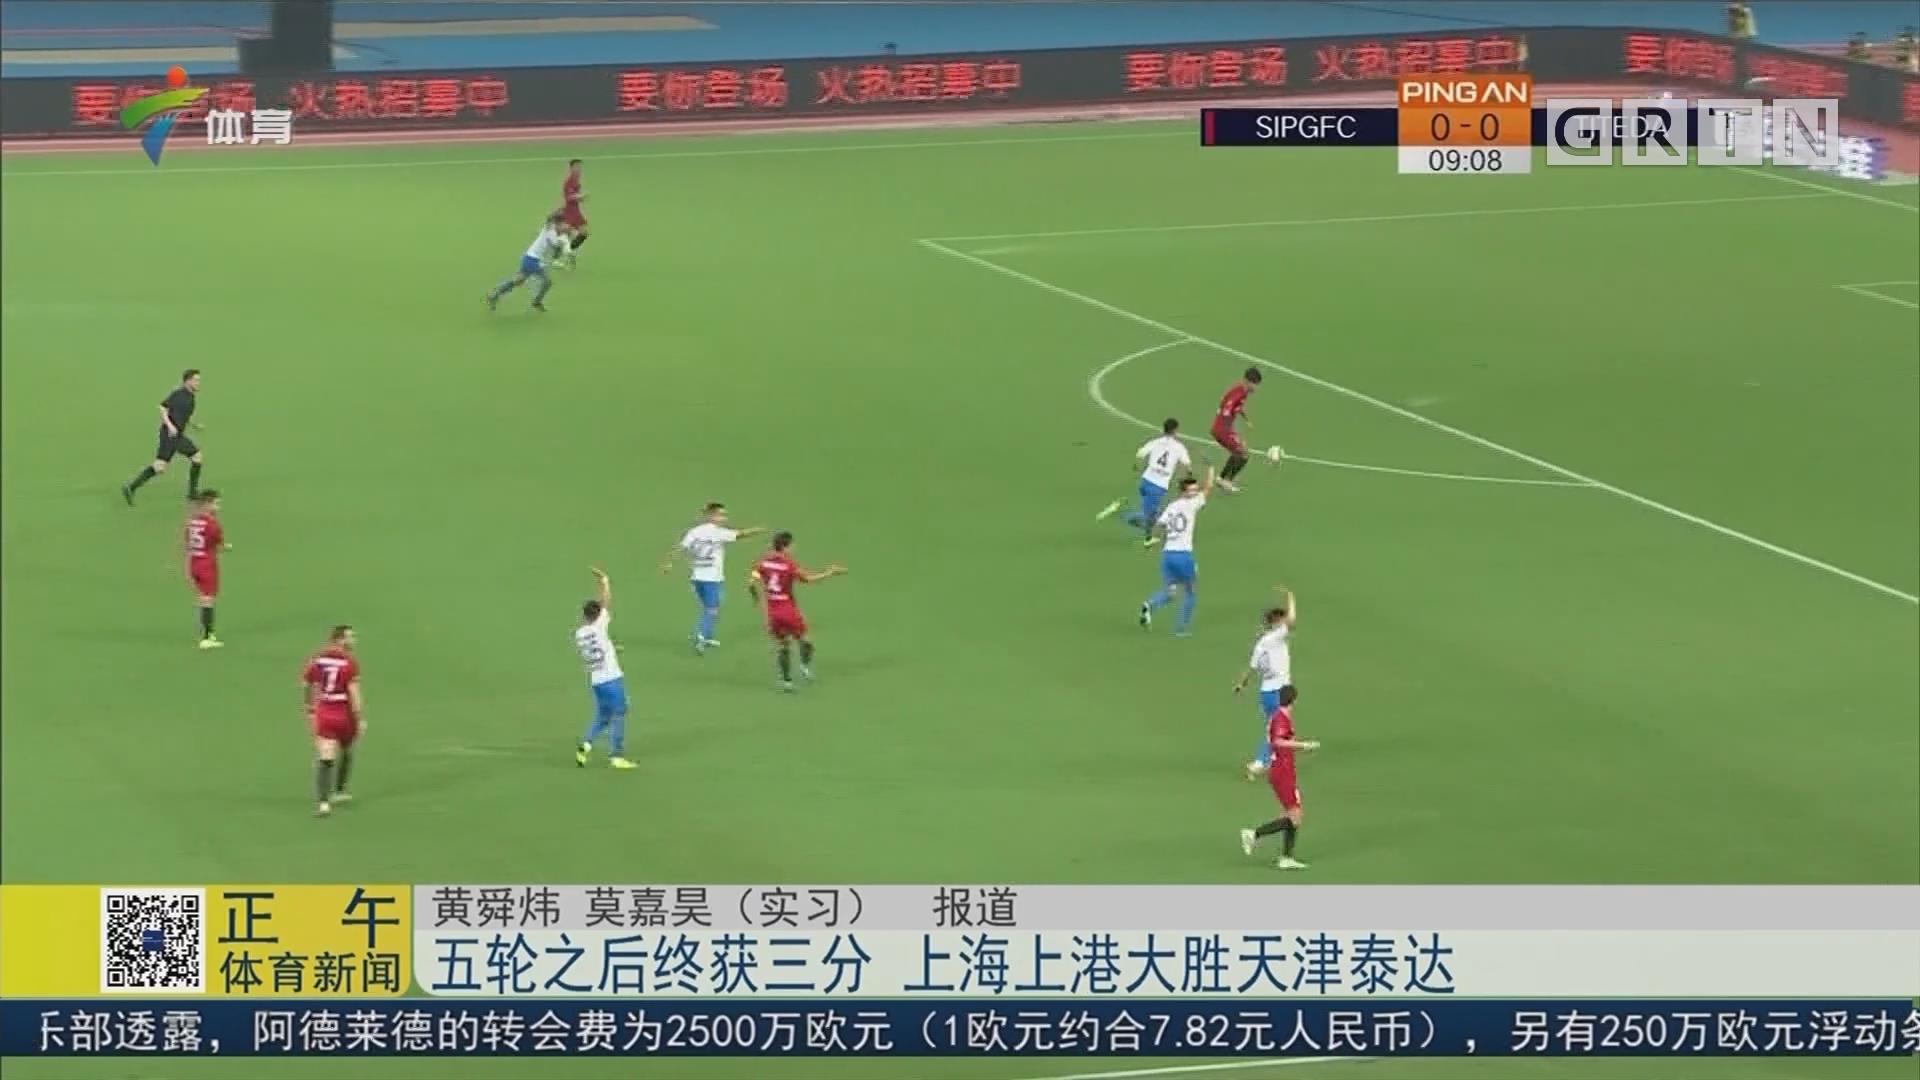 五轮之后终获三分 上海上港大胜天津泰达